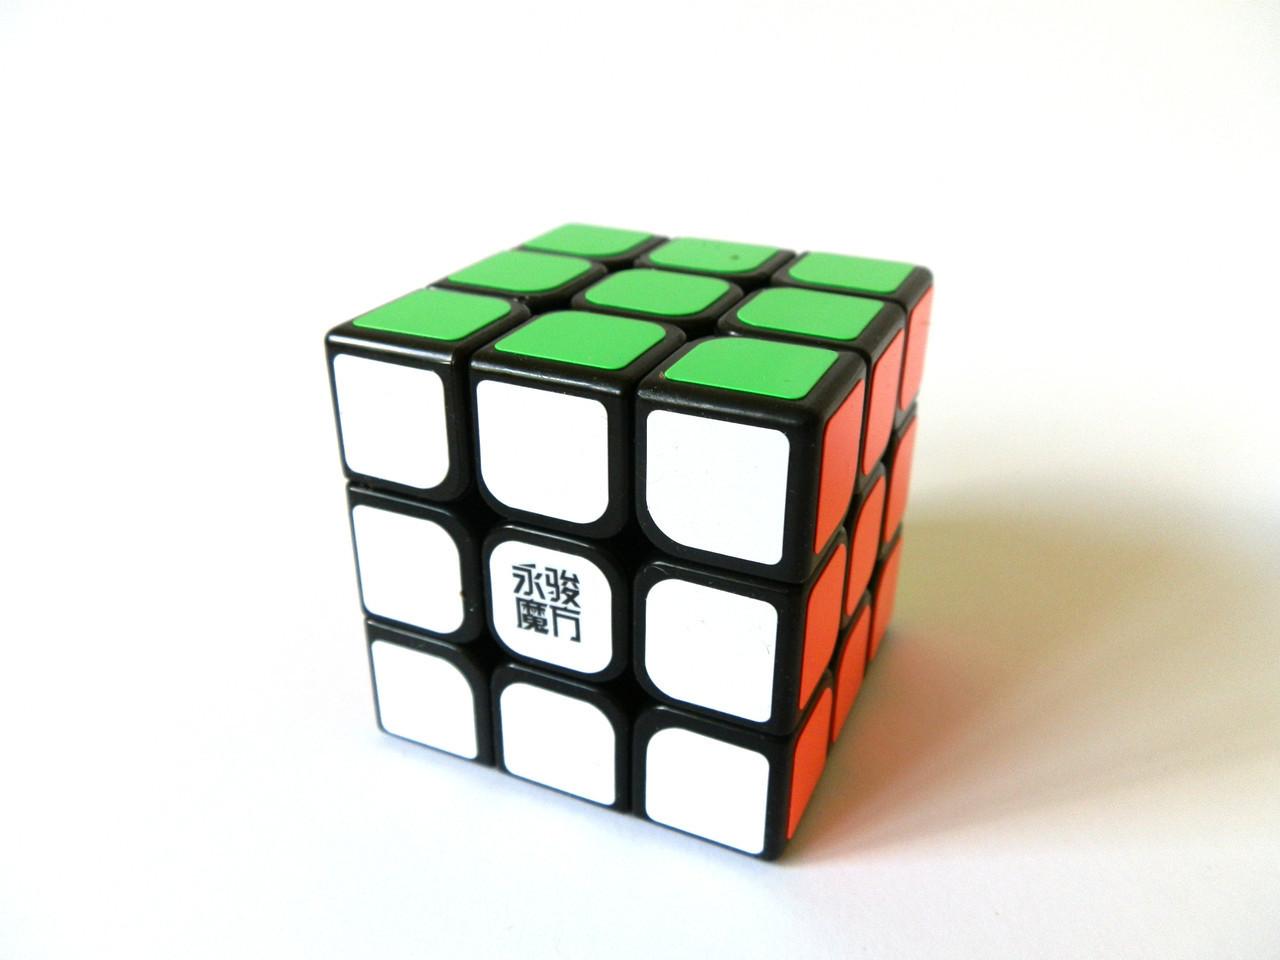 3x3 Sulong( MoYu) | Скоростной кубик 3х3 МОЮ Сулонг